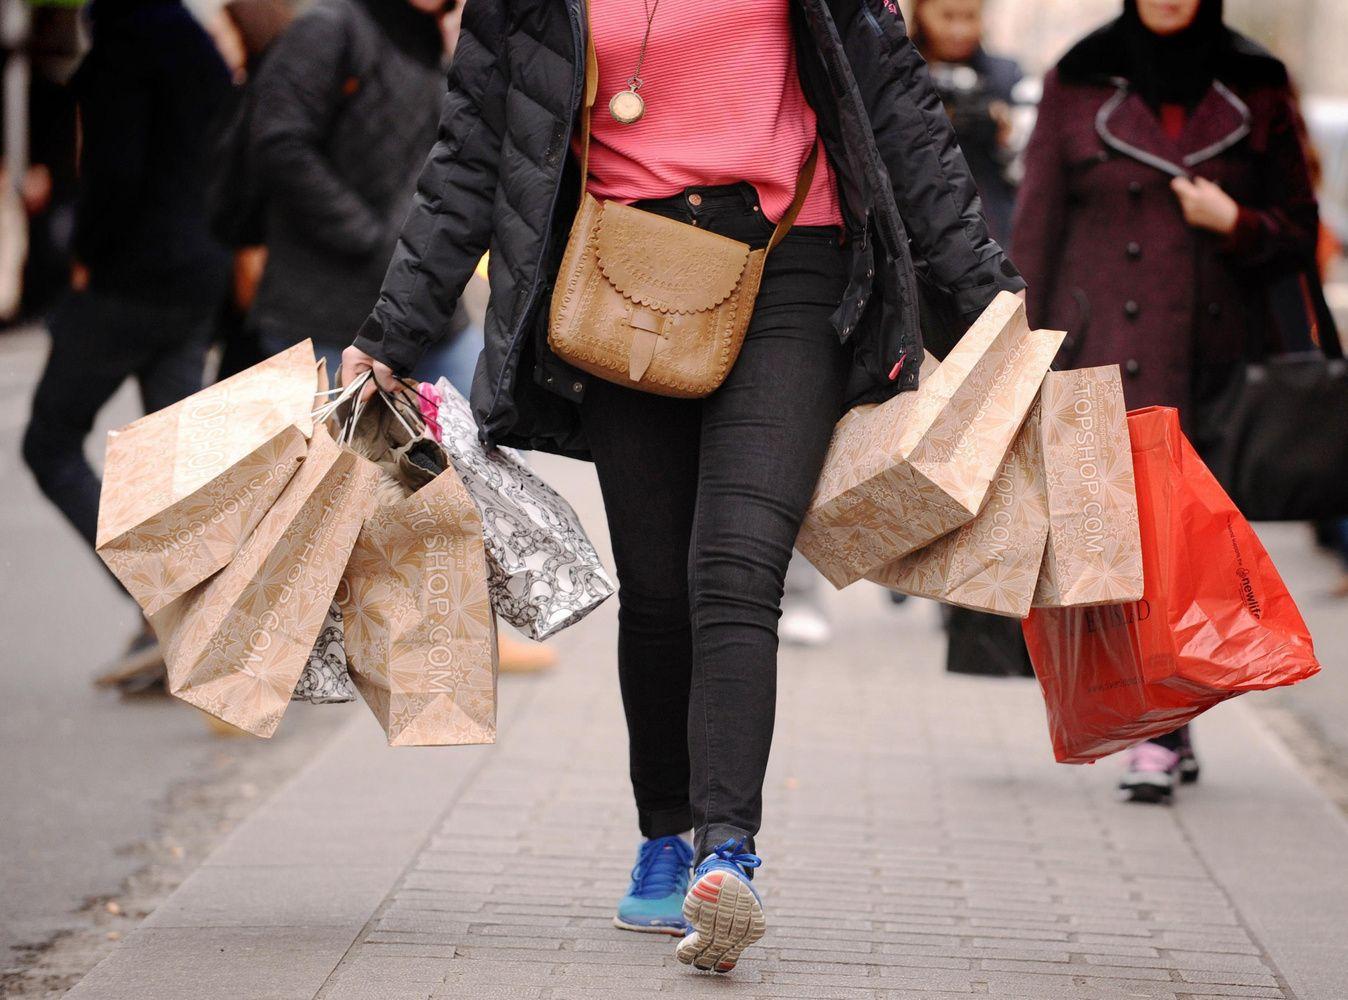 Skaitmeninimo iššūkis prekyboje: tradicinių parduotuvių nebeužtenka